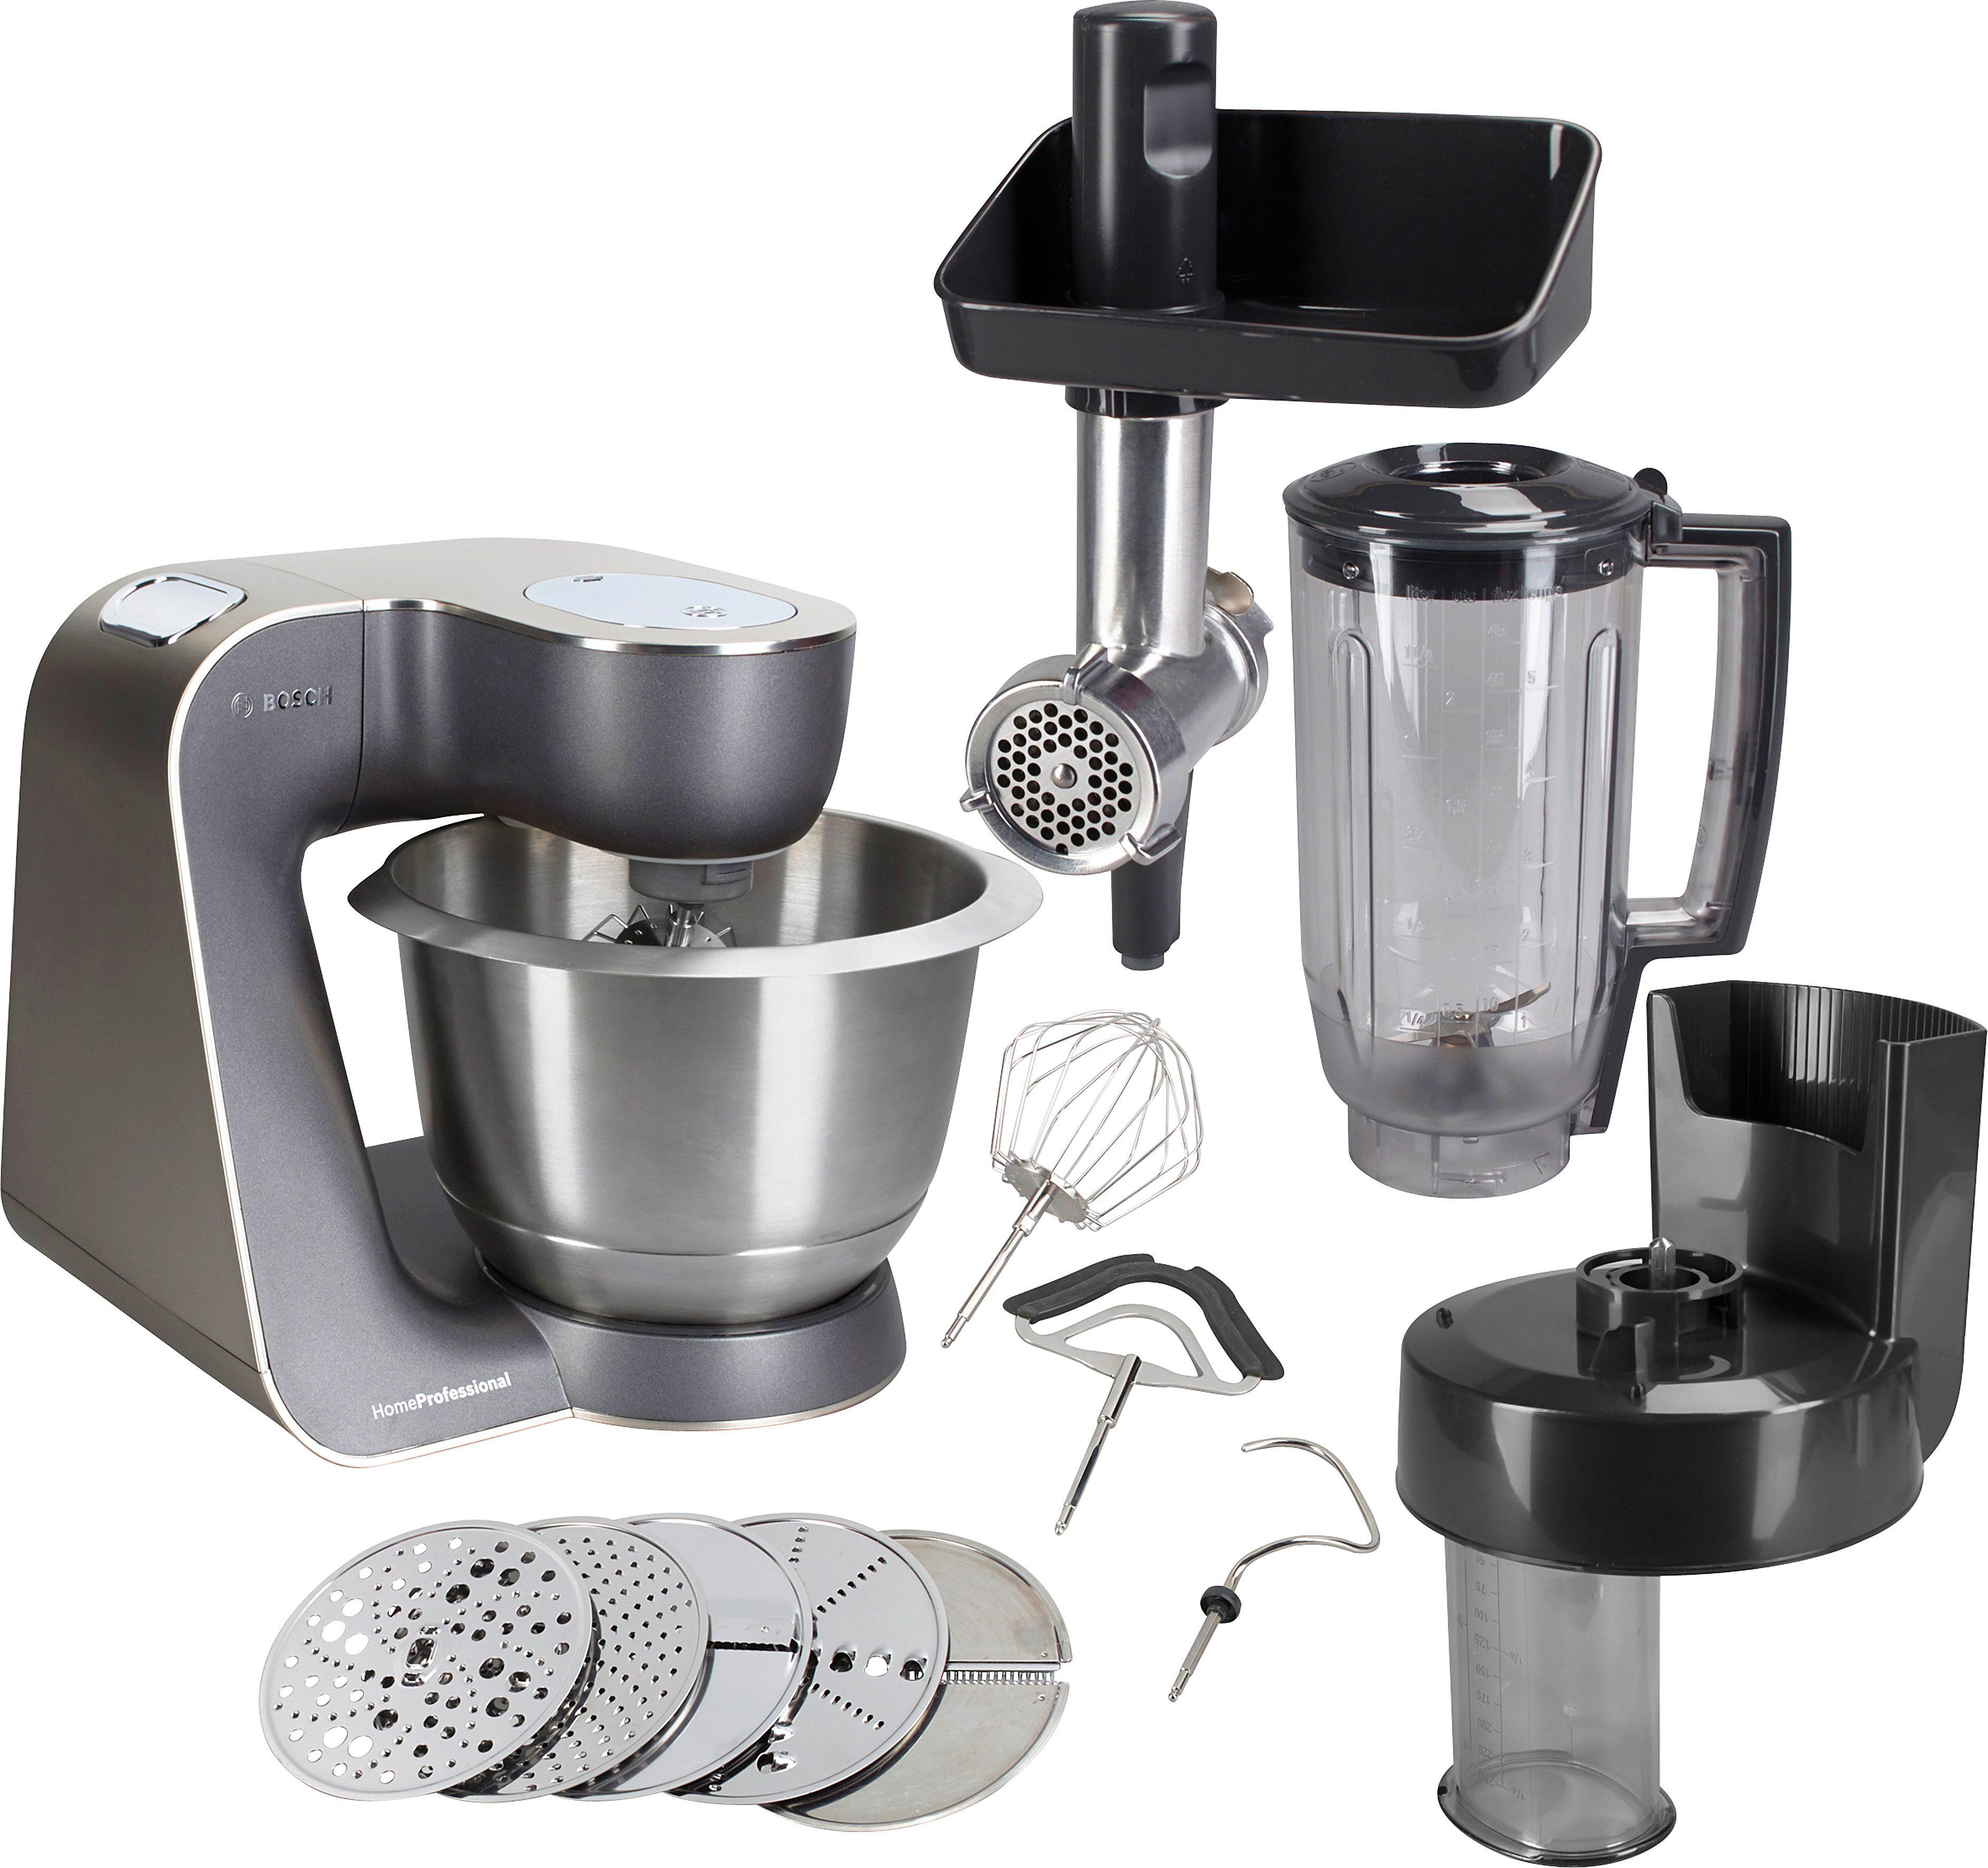 Bosch Küchenmaschine Profi 67: Mum 4405